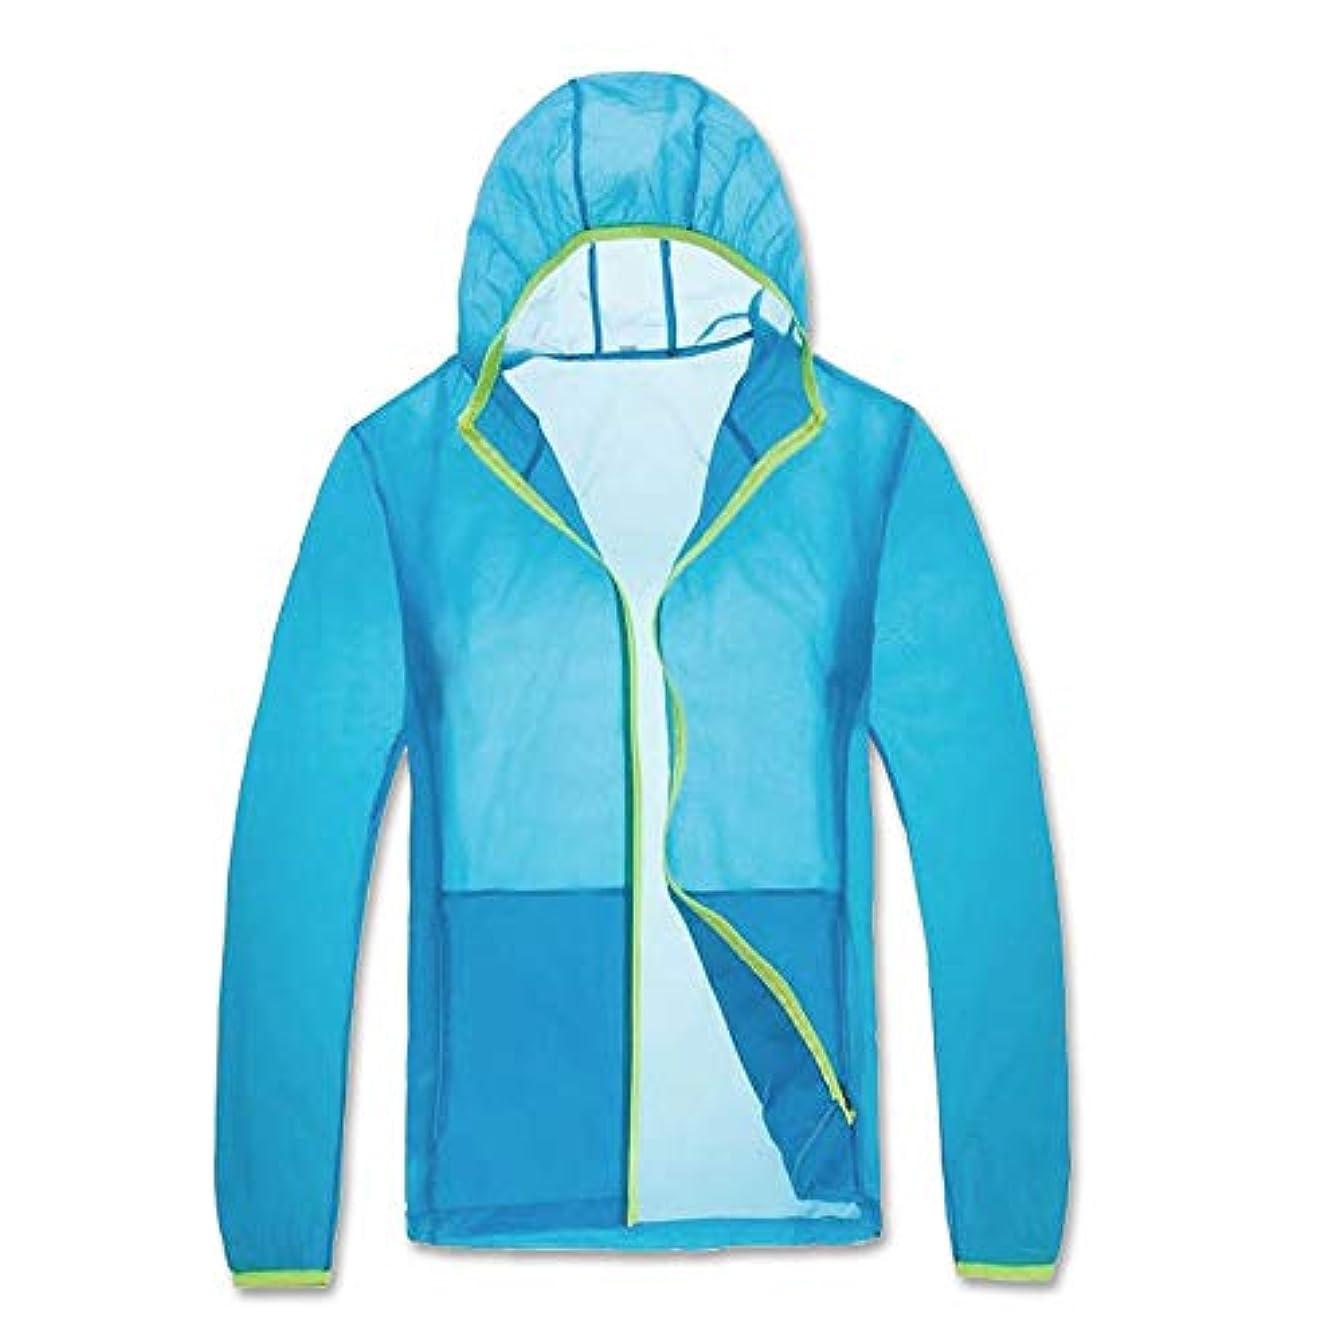 取るに足らない香水激怒夏のエアコン衣類ファン冷却衣服冷却ジャケット日焼け止め防蚊防水ジャケットスキンコート,Blue,L